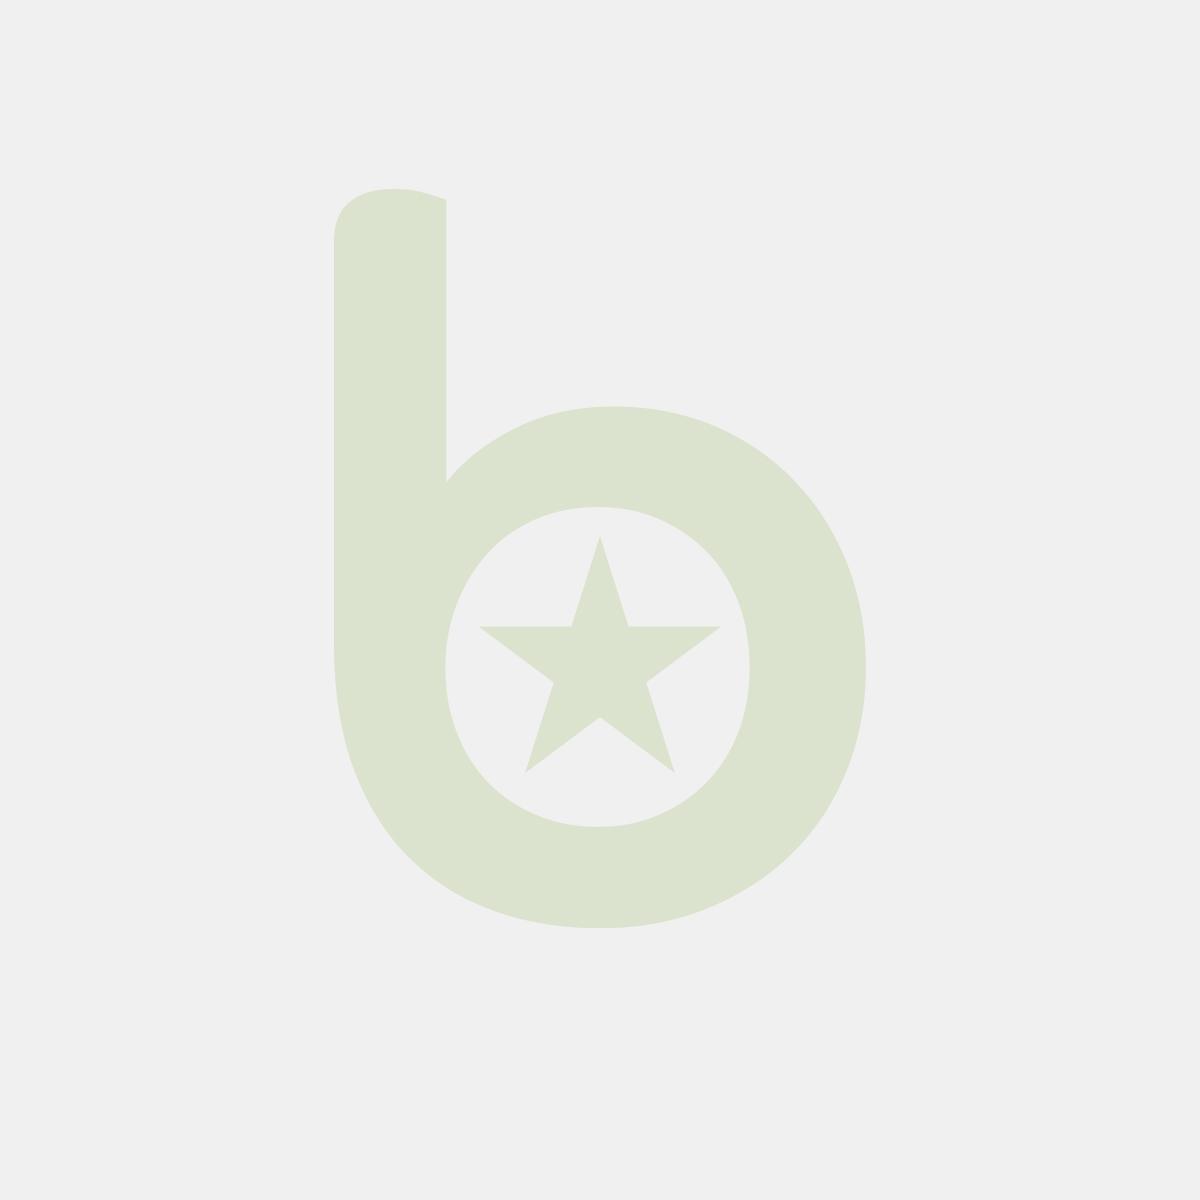 Pojemnik prostokątny bezbarwny KP-819 1250ml PP, cena za opakowanie 50szt